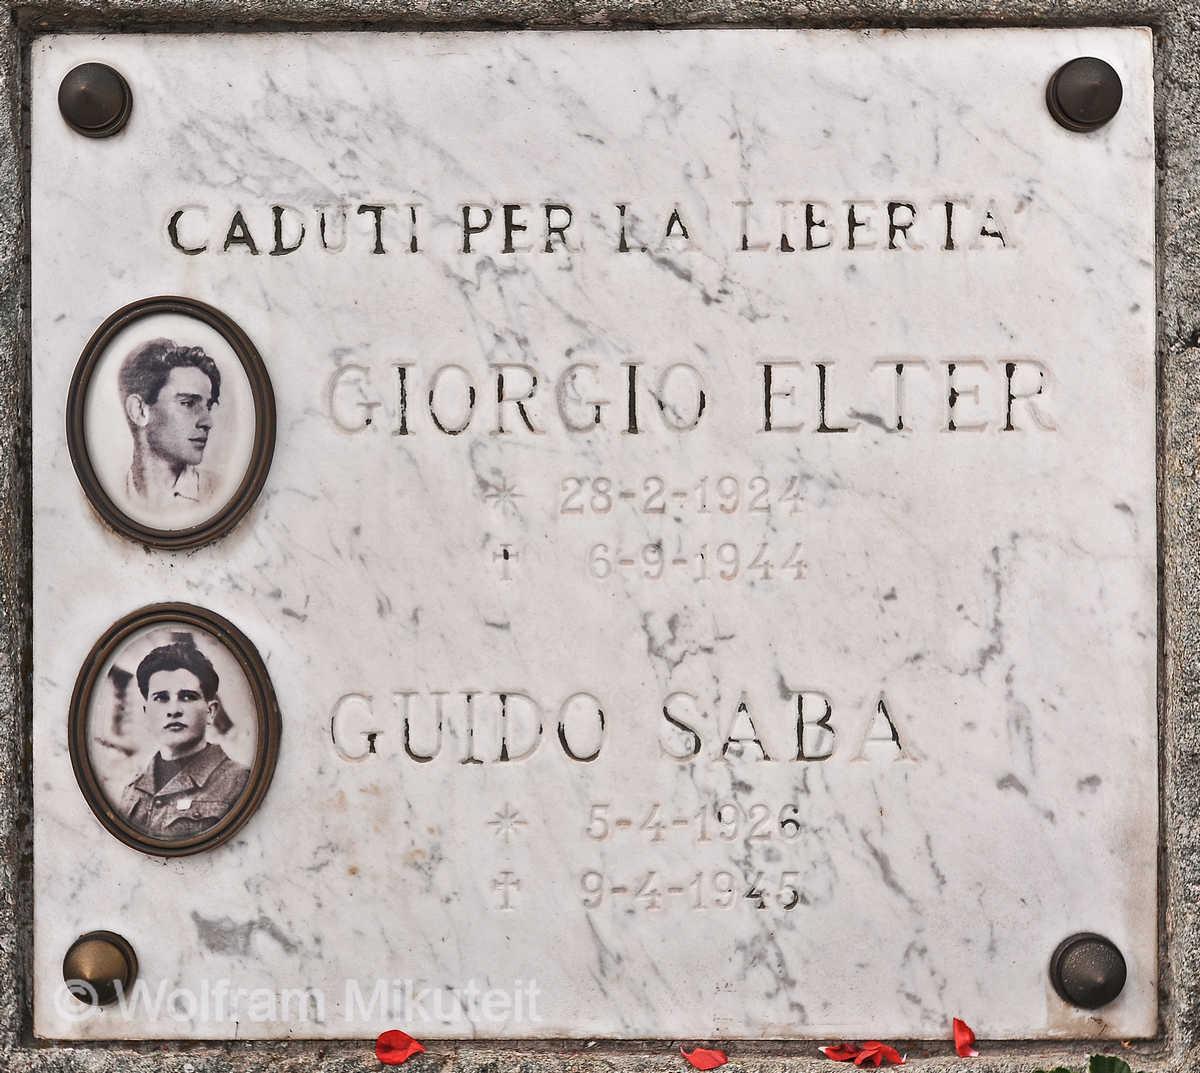 Gedenktafel für Giorgio Elter und Guido Saba - Foto: © Wolfram Mikuteit